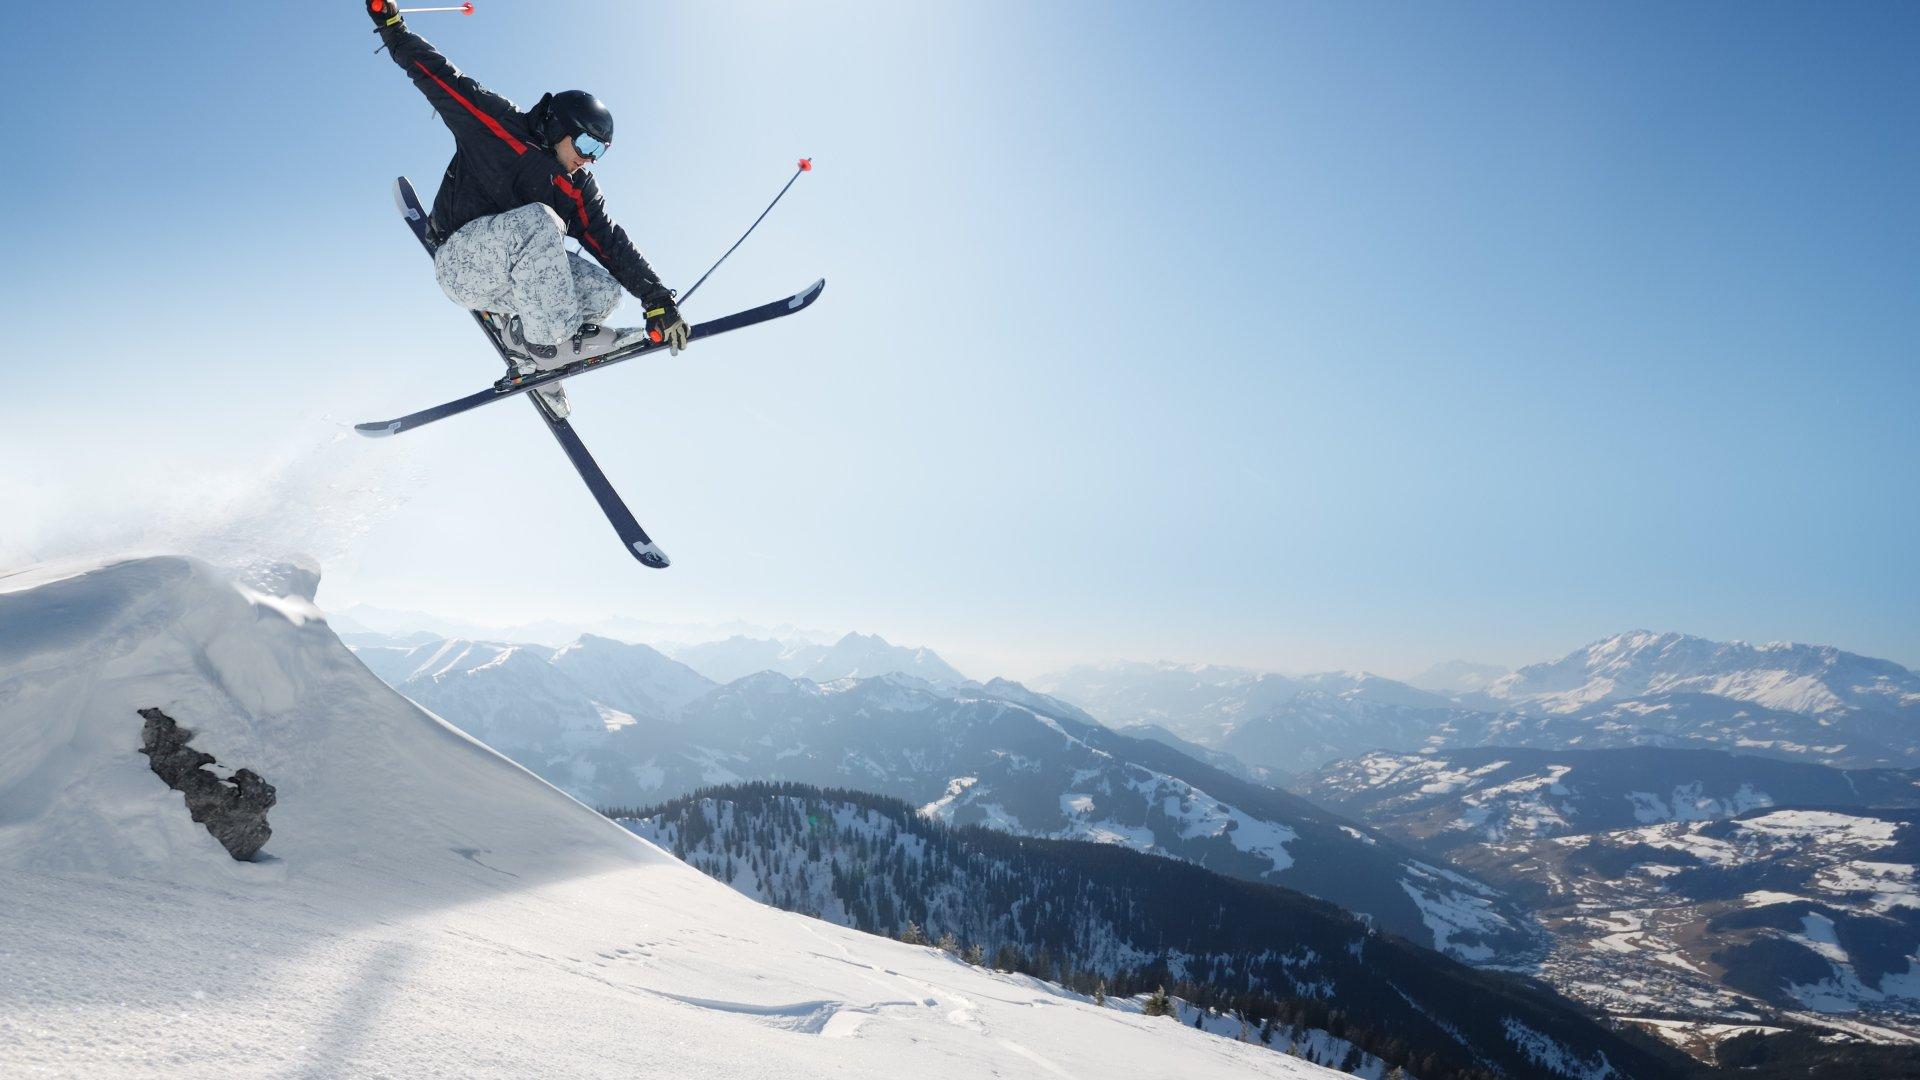 Ski 4k Ultra Fond d'écran HD | Arrière-Plan | 3840x2160 | ID:568496 - Wallpaper Abyss